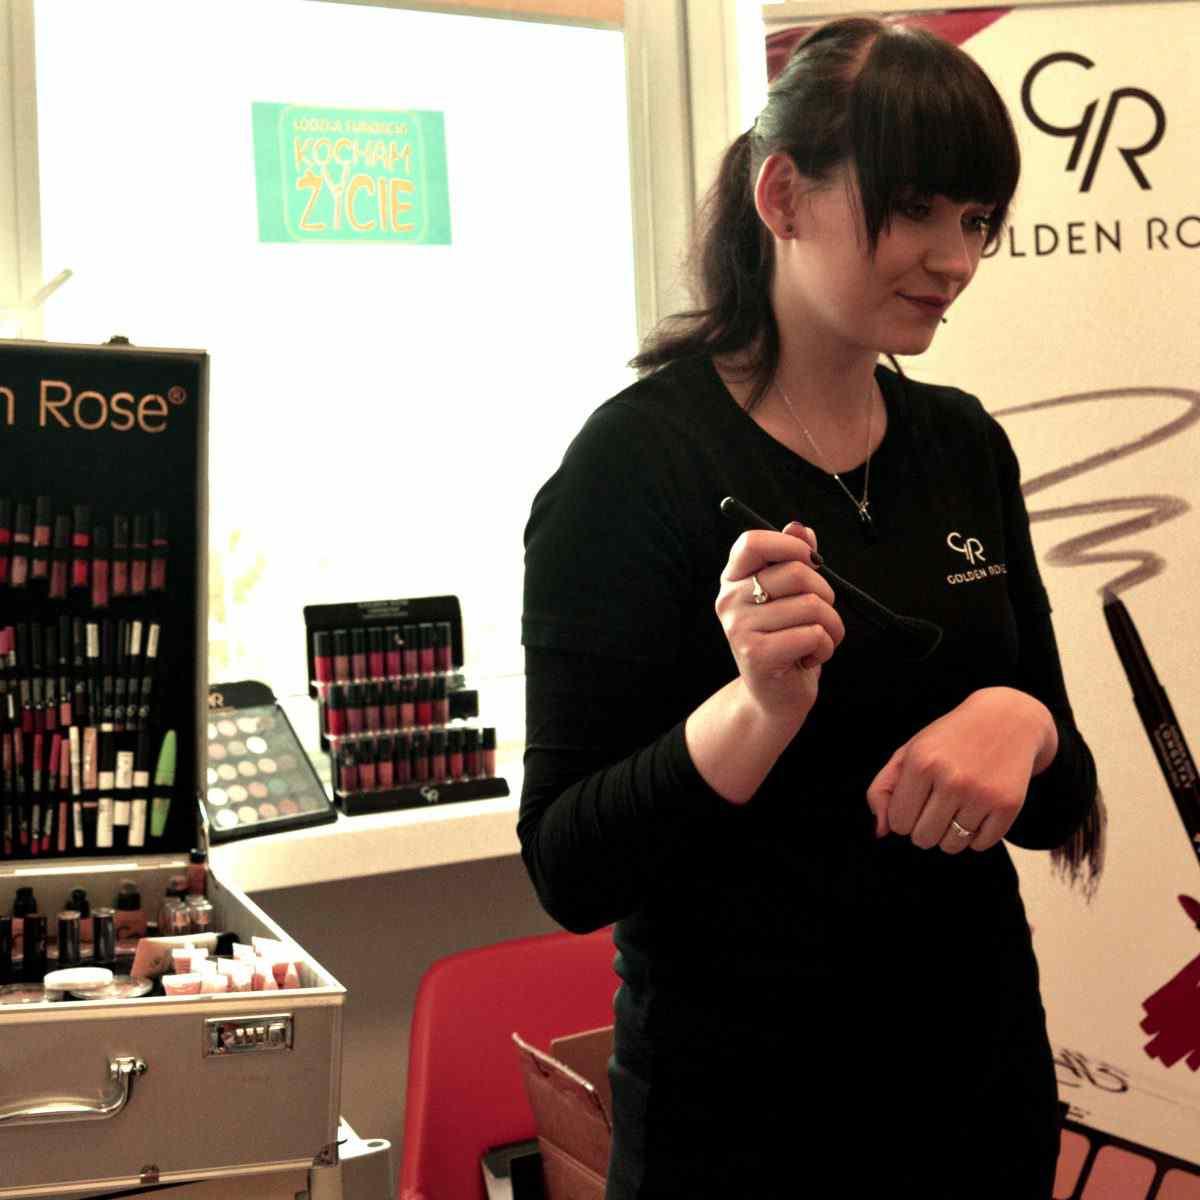 Golden Rose wspiera kobiety podczas walki z chorobą. Miesiąc walki z rakiem.